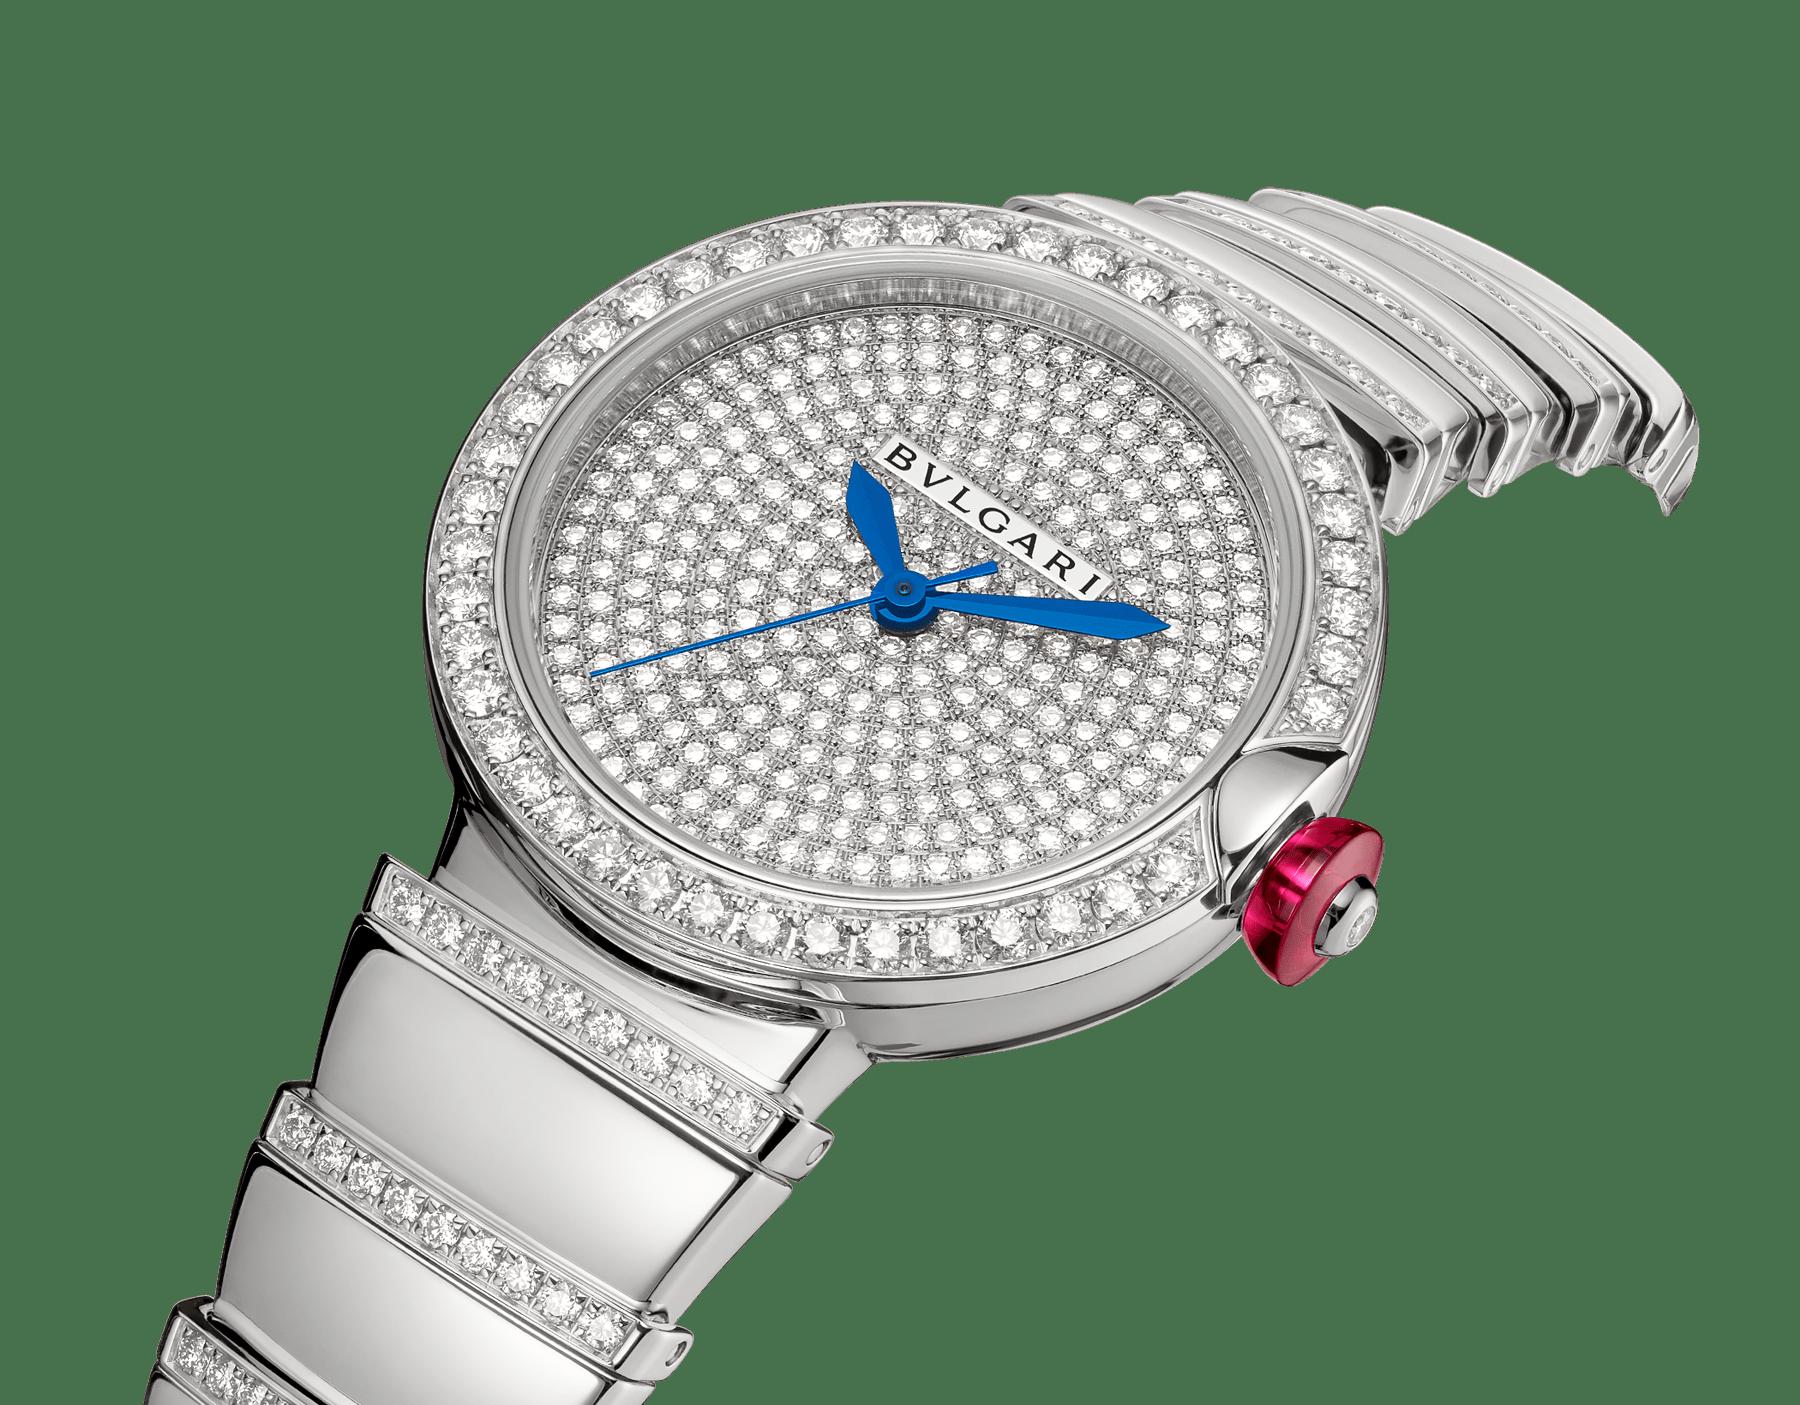 루체아 워치. 18kt 화이트 골드 소재에 브릴리언트컷 다이아몬드가 세팅된 케이스와 브레이슬릿, 풀 파베 다이아몬드 다이얼 102380 image 2